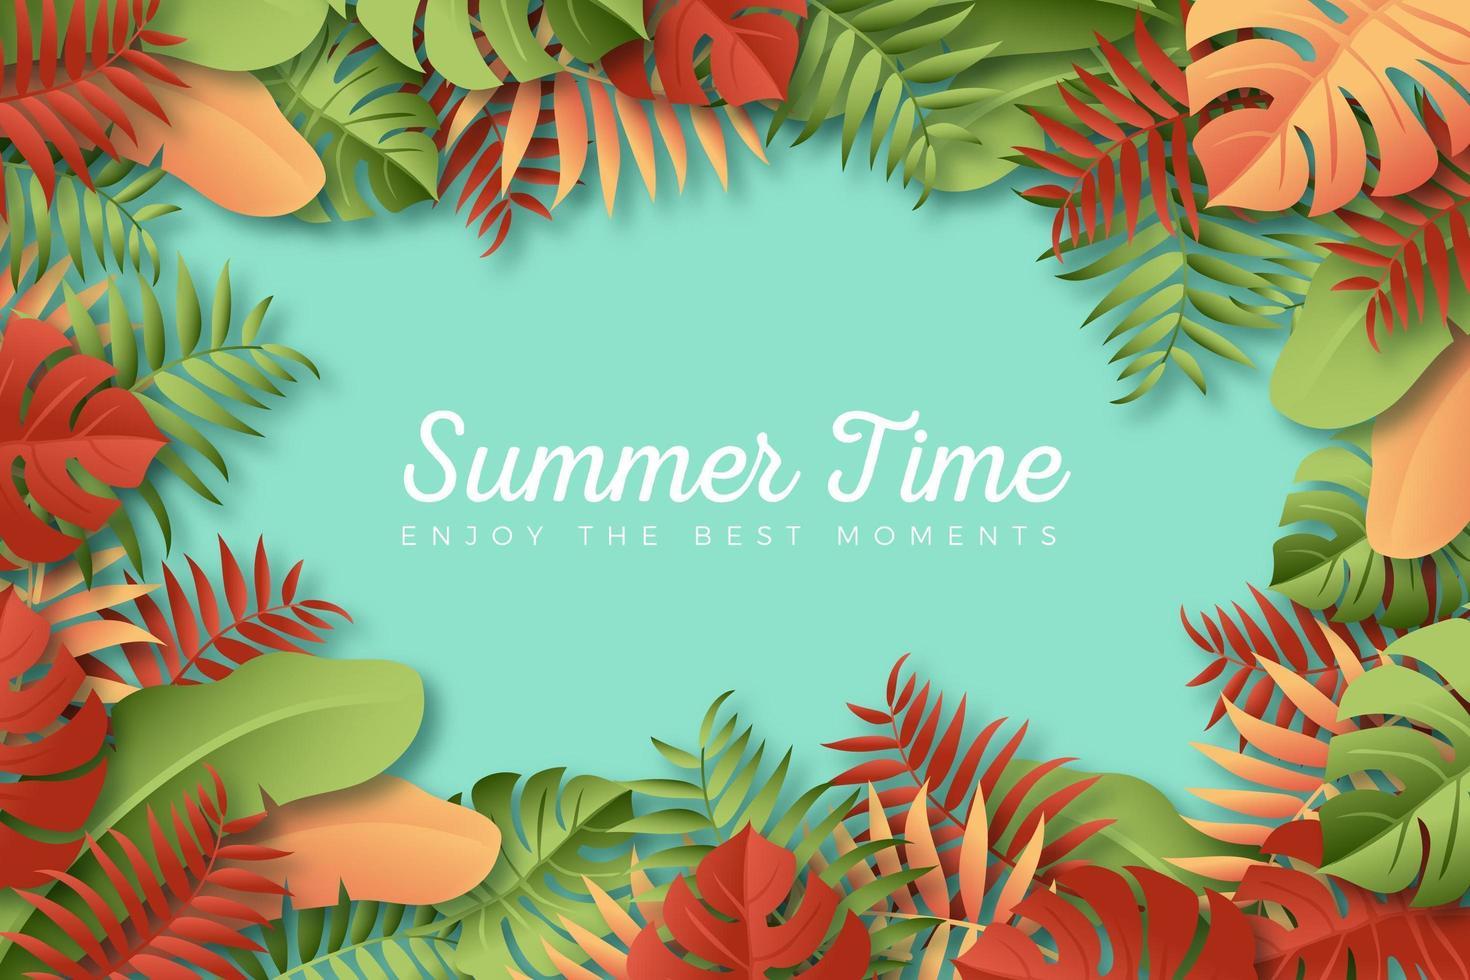 affiche d'été de cadre de feuilles tropicales marron et vert vecteur